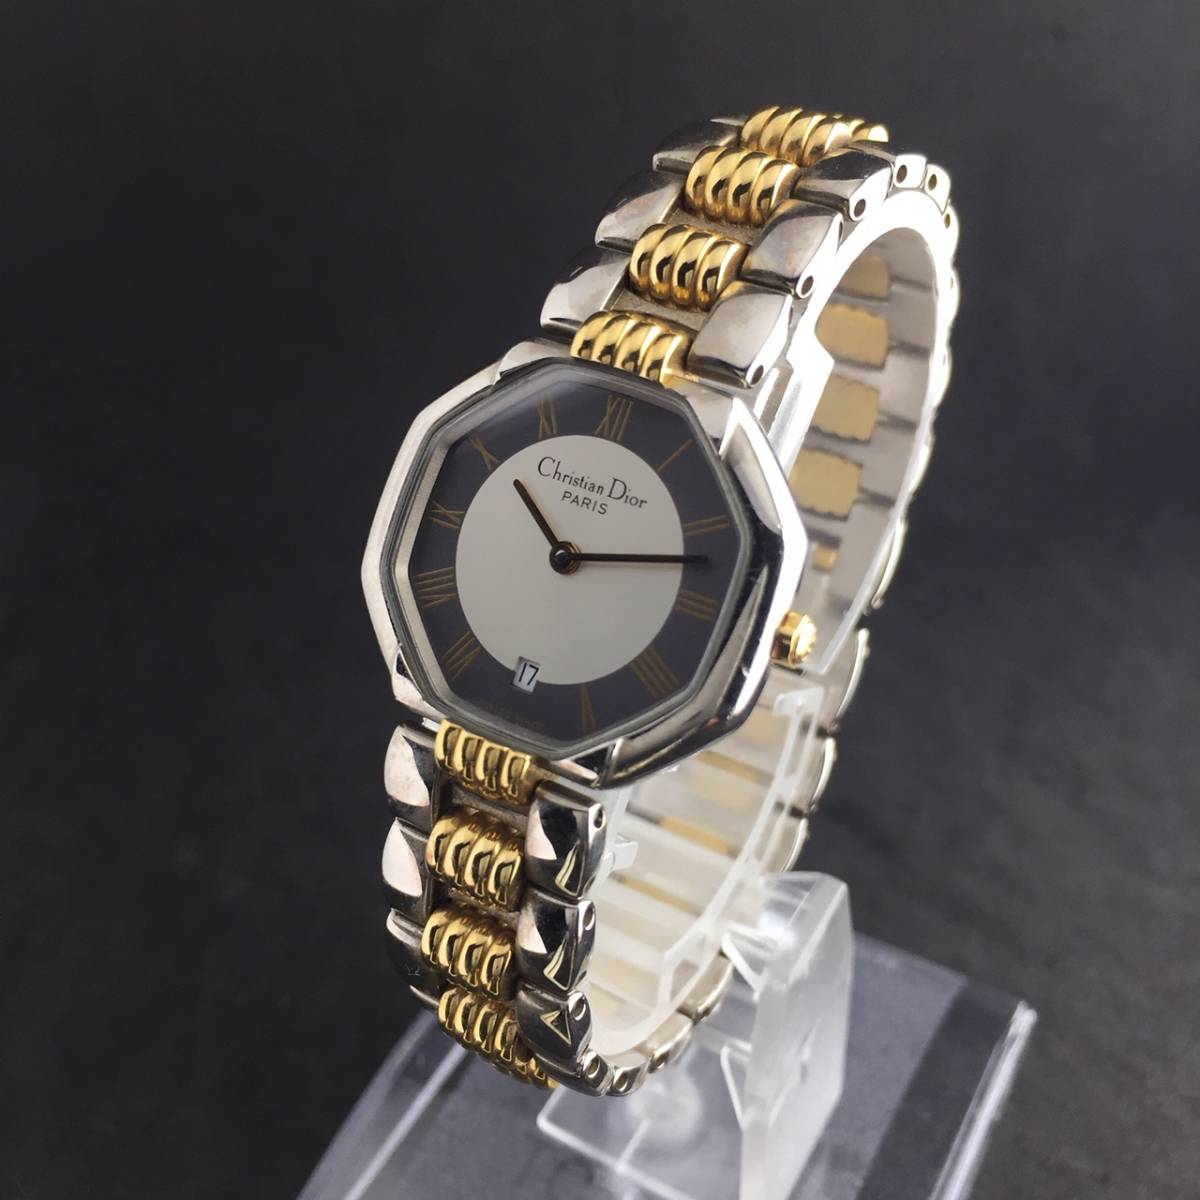 【1円~】Christian Dior クリスチャンディオール 腕時計 レディース D48-203 オクタゴン デイト コンビ 可動品_画像3